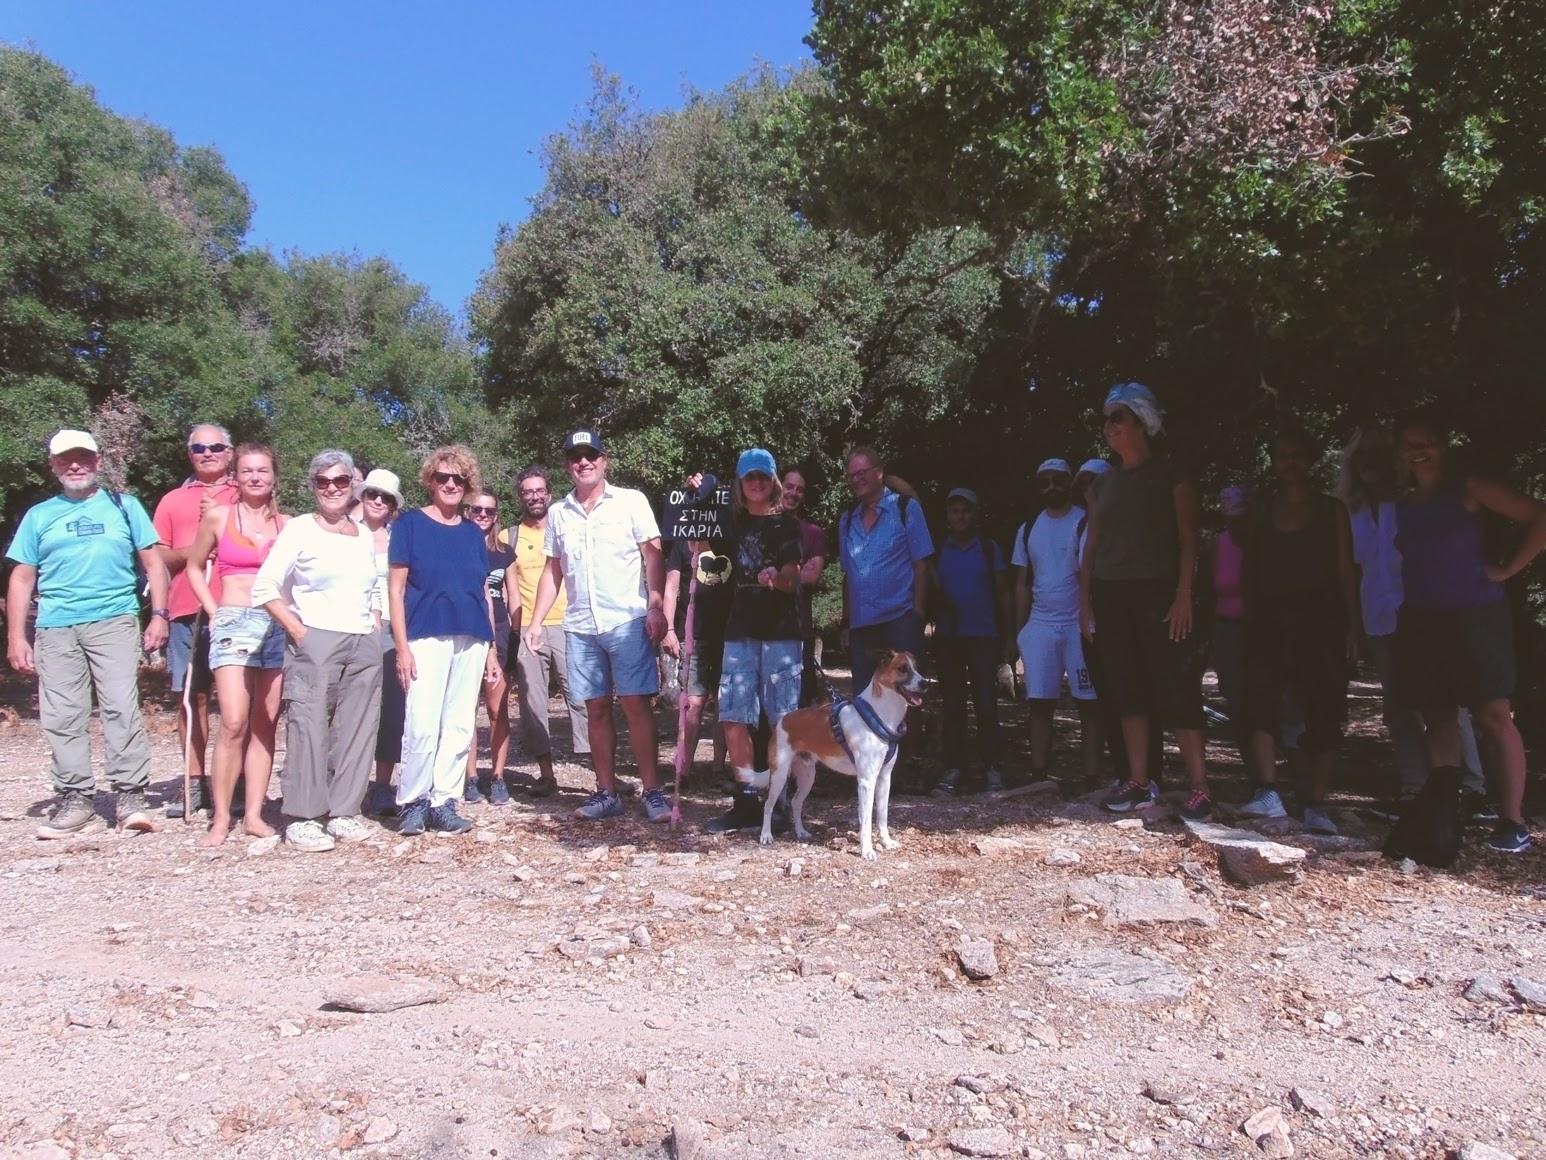 Η ομάδα του ΟΠΣ Ικαρίας ποζάρει στην Εριφή πριν το ξεκίνημα της πεζοπορίας για τη κορυφή «Μέλισσα» και το μικρό μοναστήρι «Άγιος Ισίδωρος».